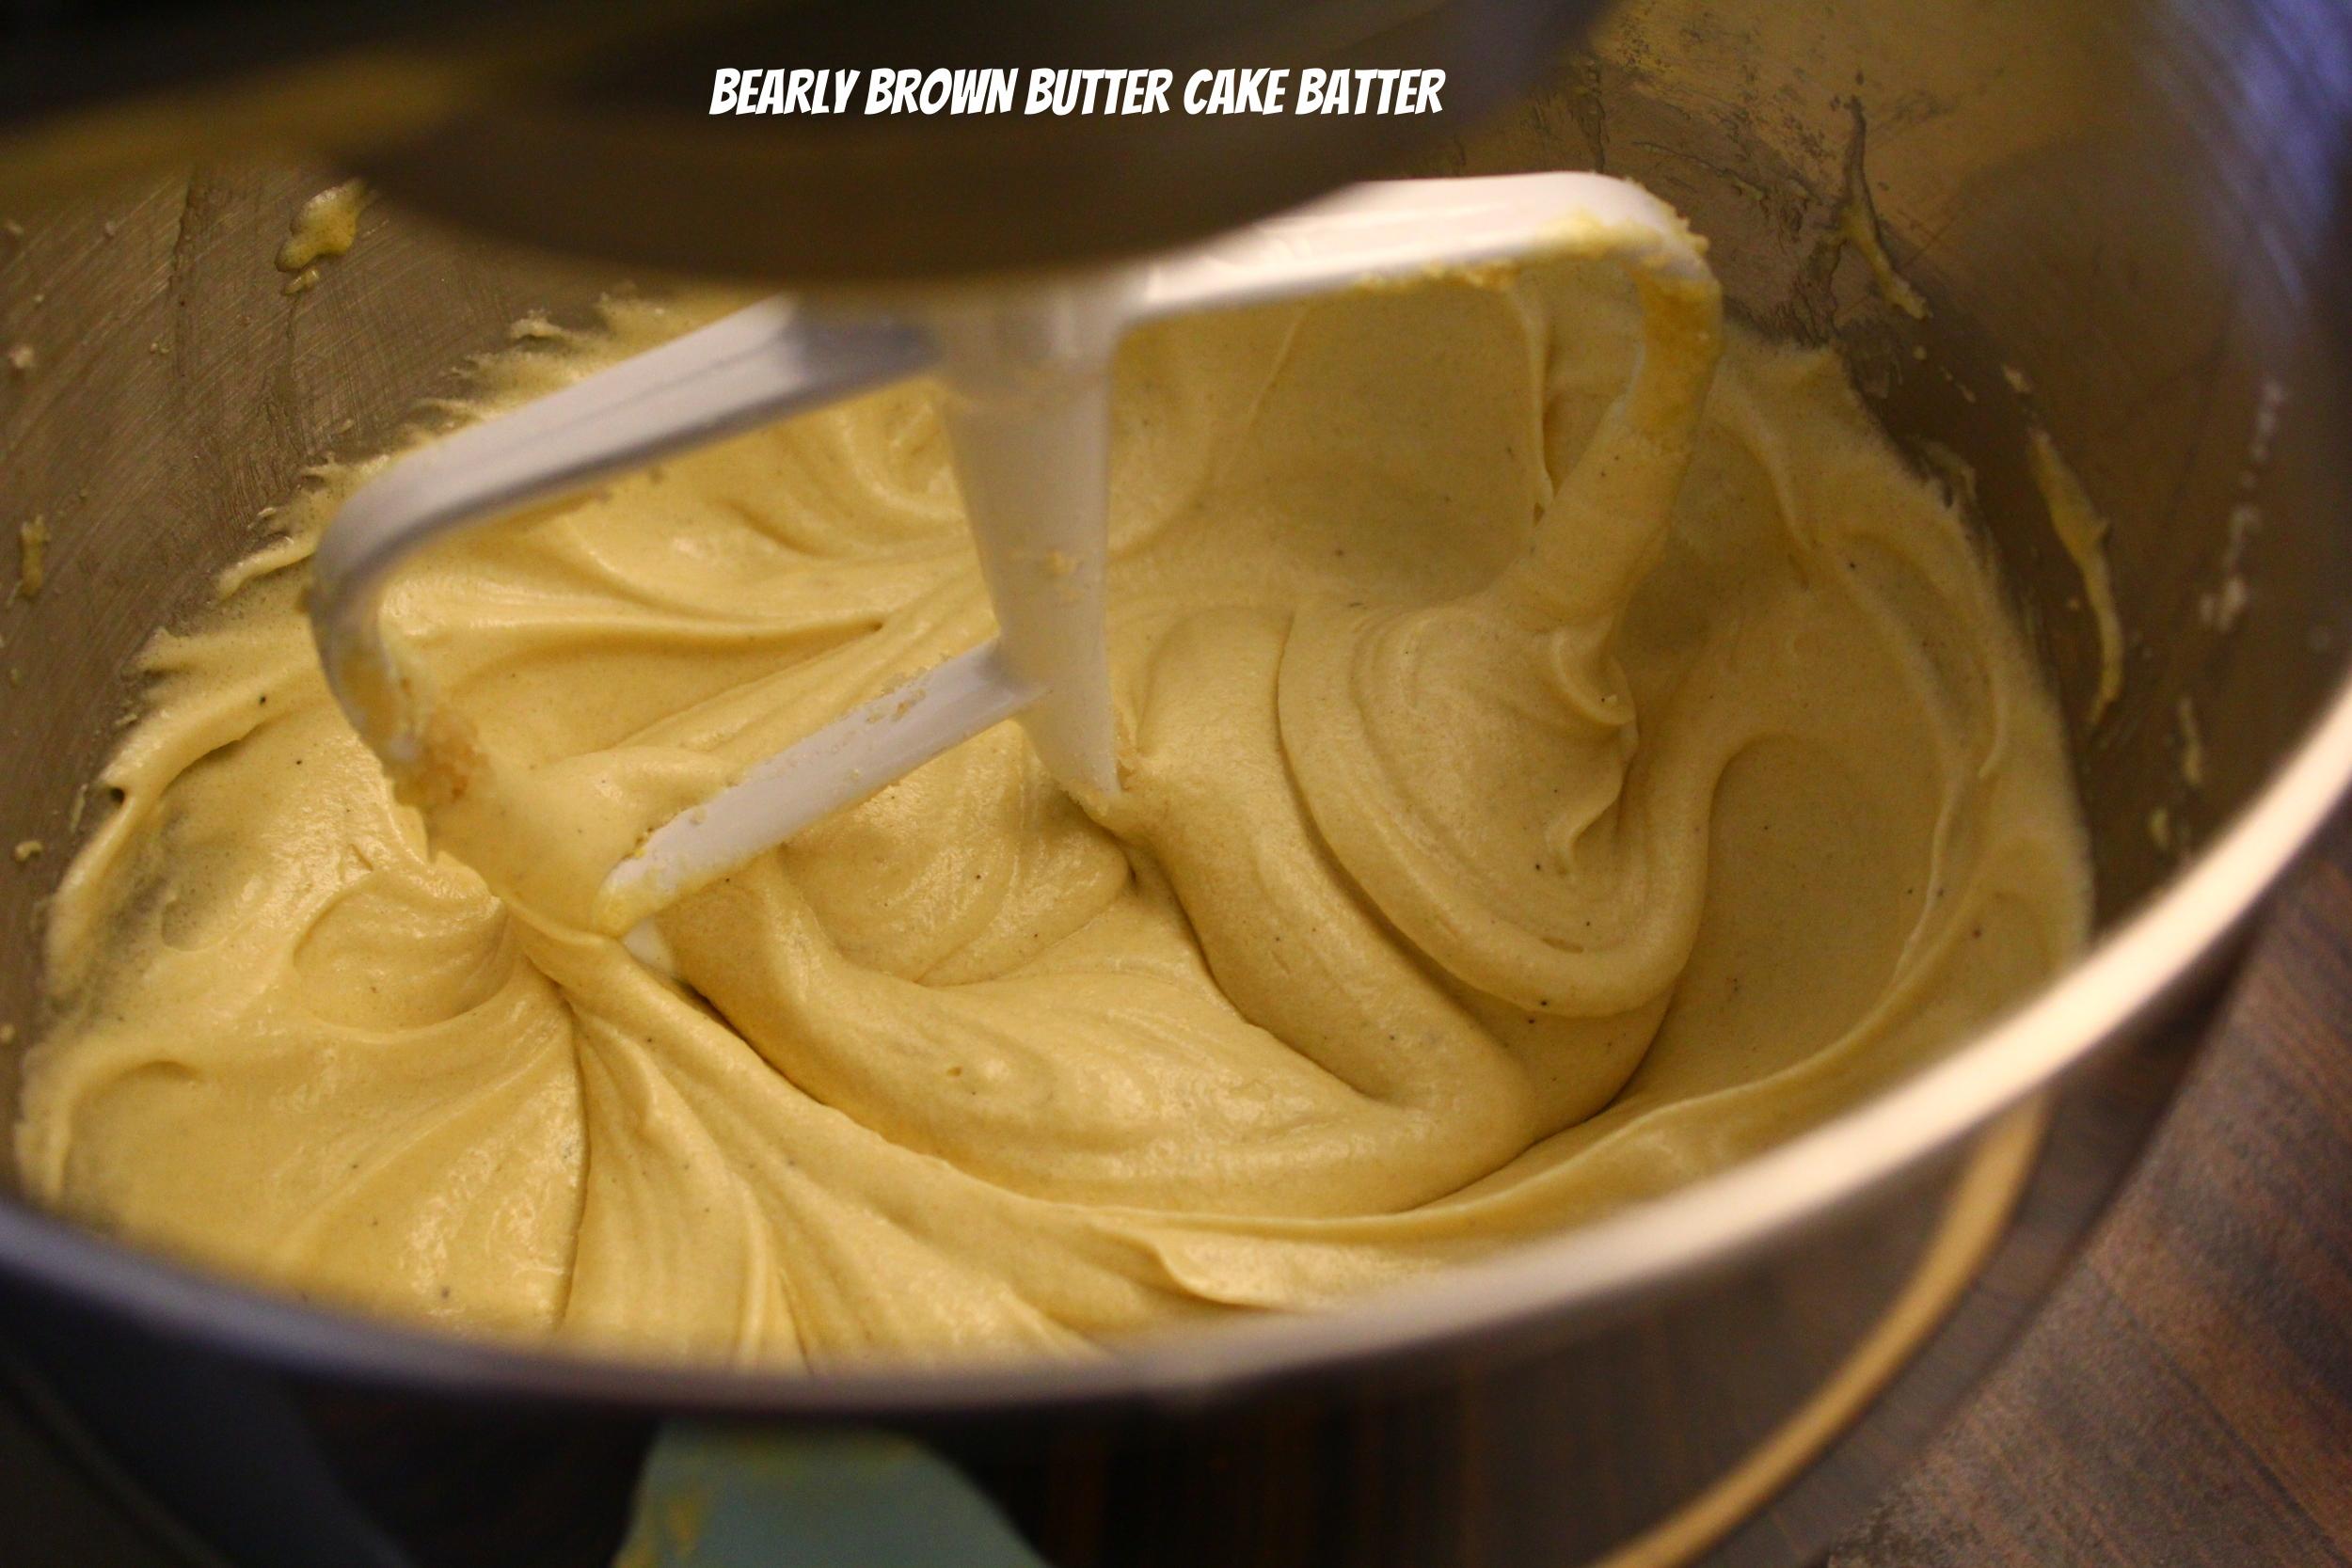 APPLE PIE LAYER CAKE FROM MOMOFUKU MILK BAR